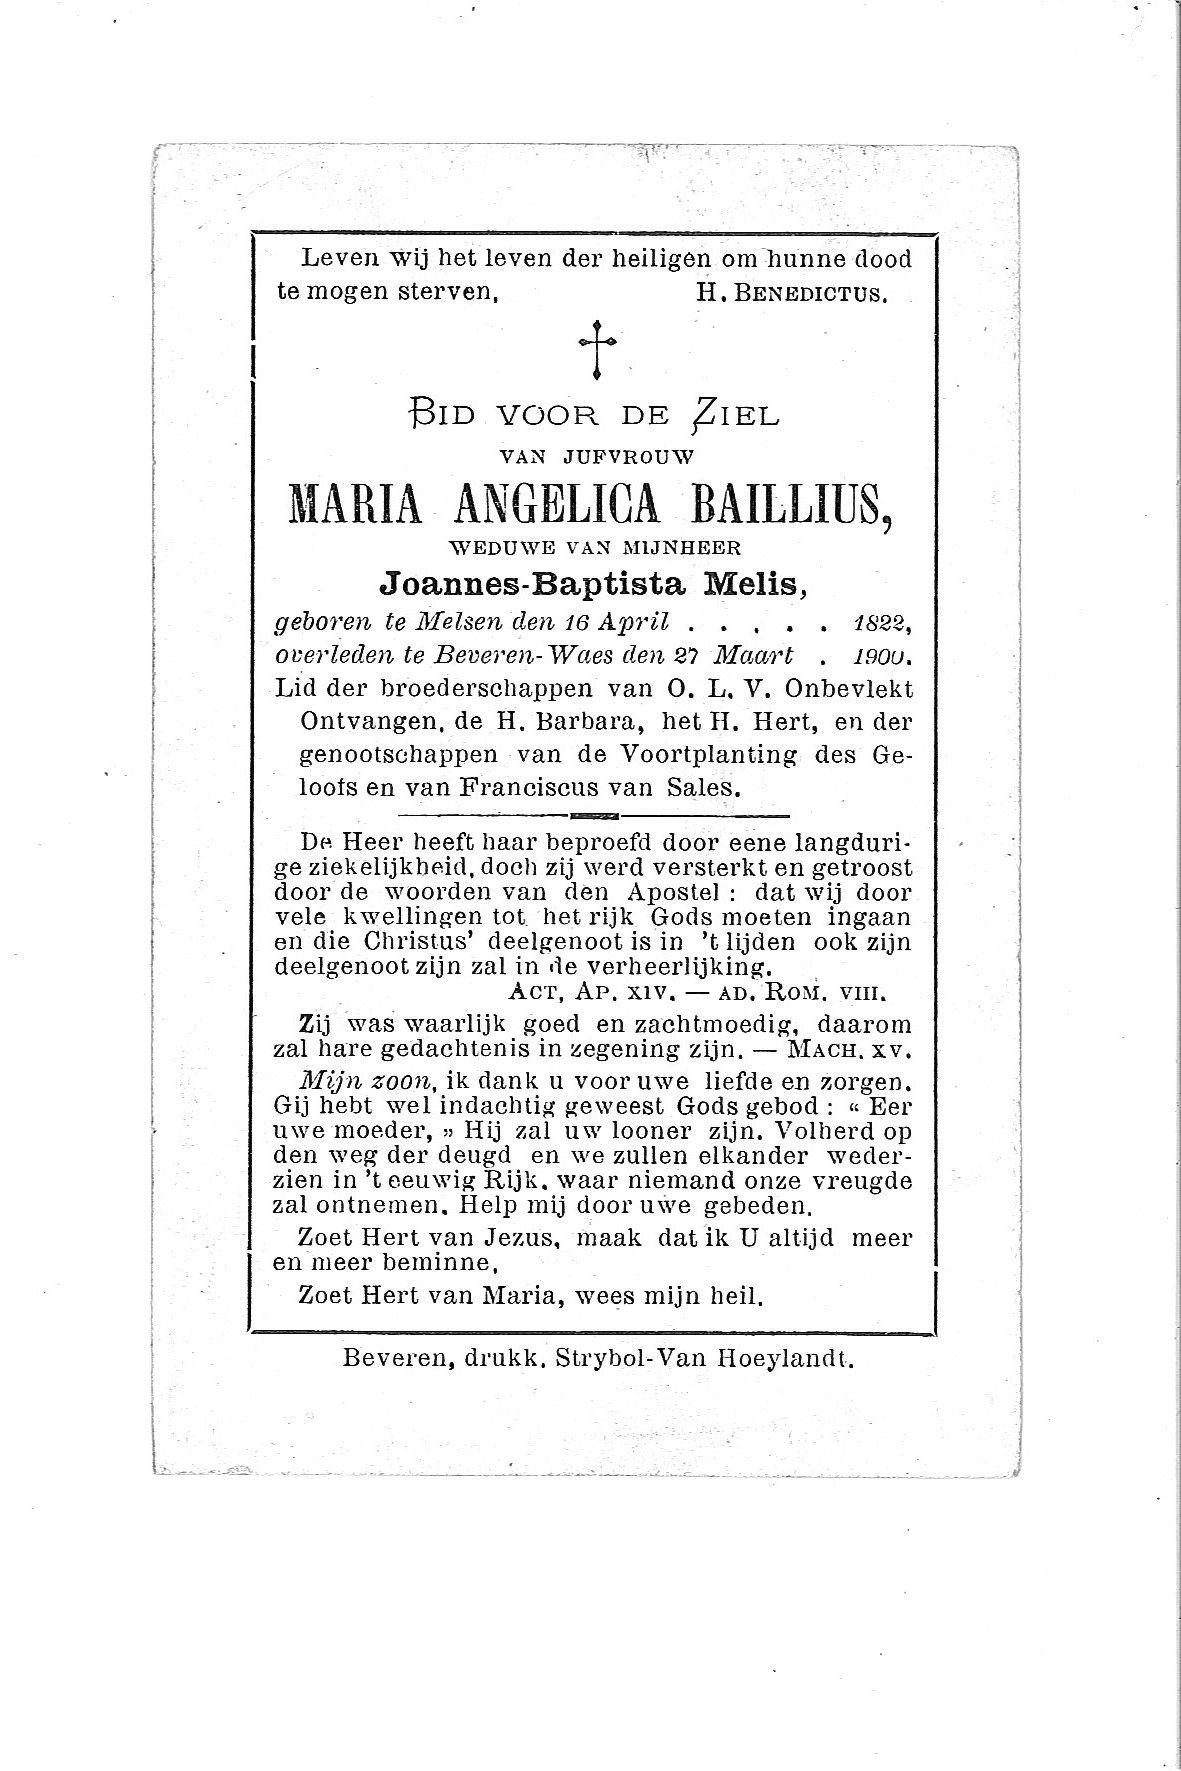 maria-angelica-20090113155135_00001 (2).jpg